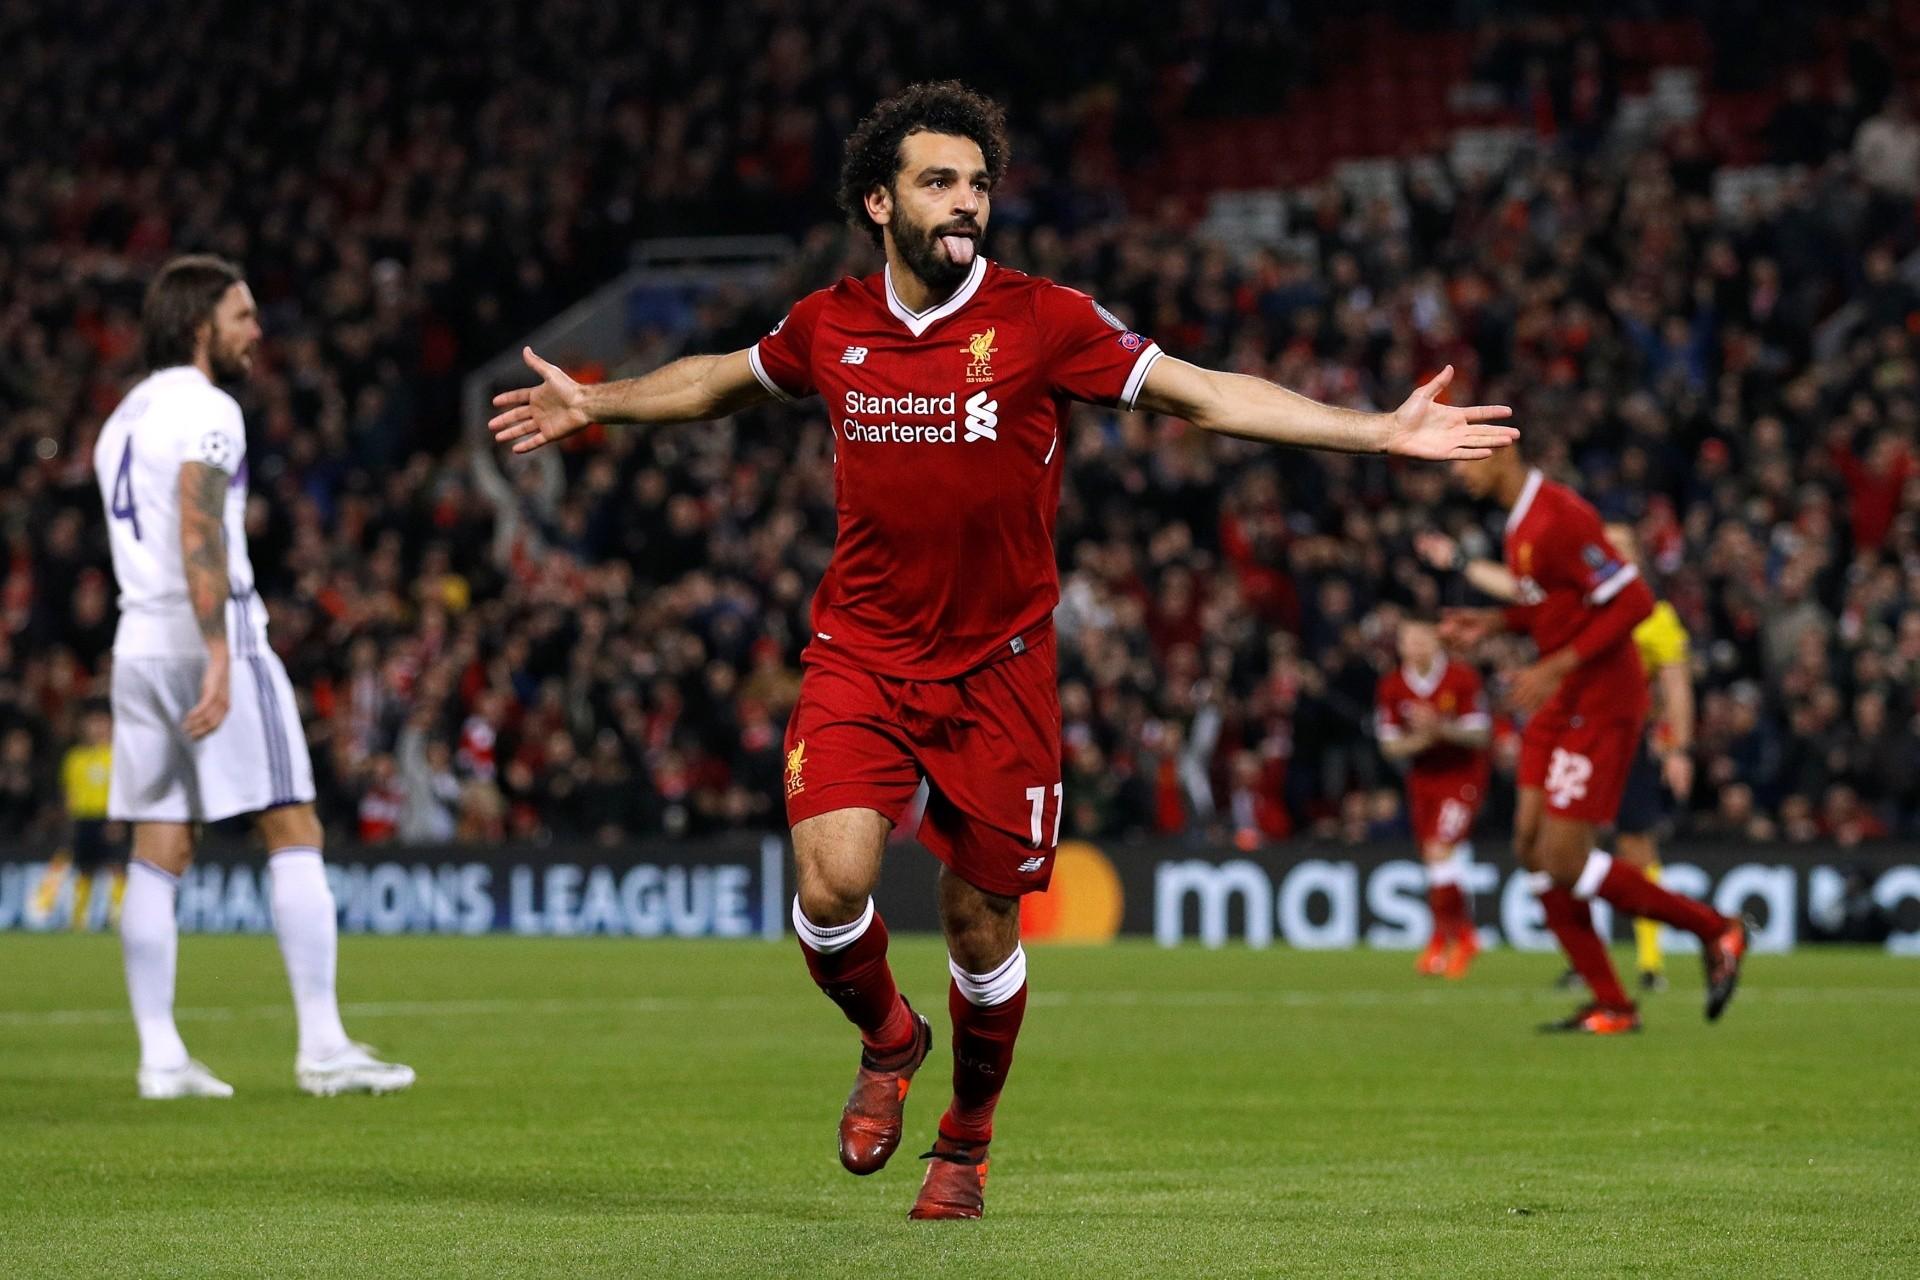 Mas será que o principal jogador do Liverpool que visita o Manchester City nesta ter§a feira em busca da classifica§£o para as semifinais da Liga dos